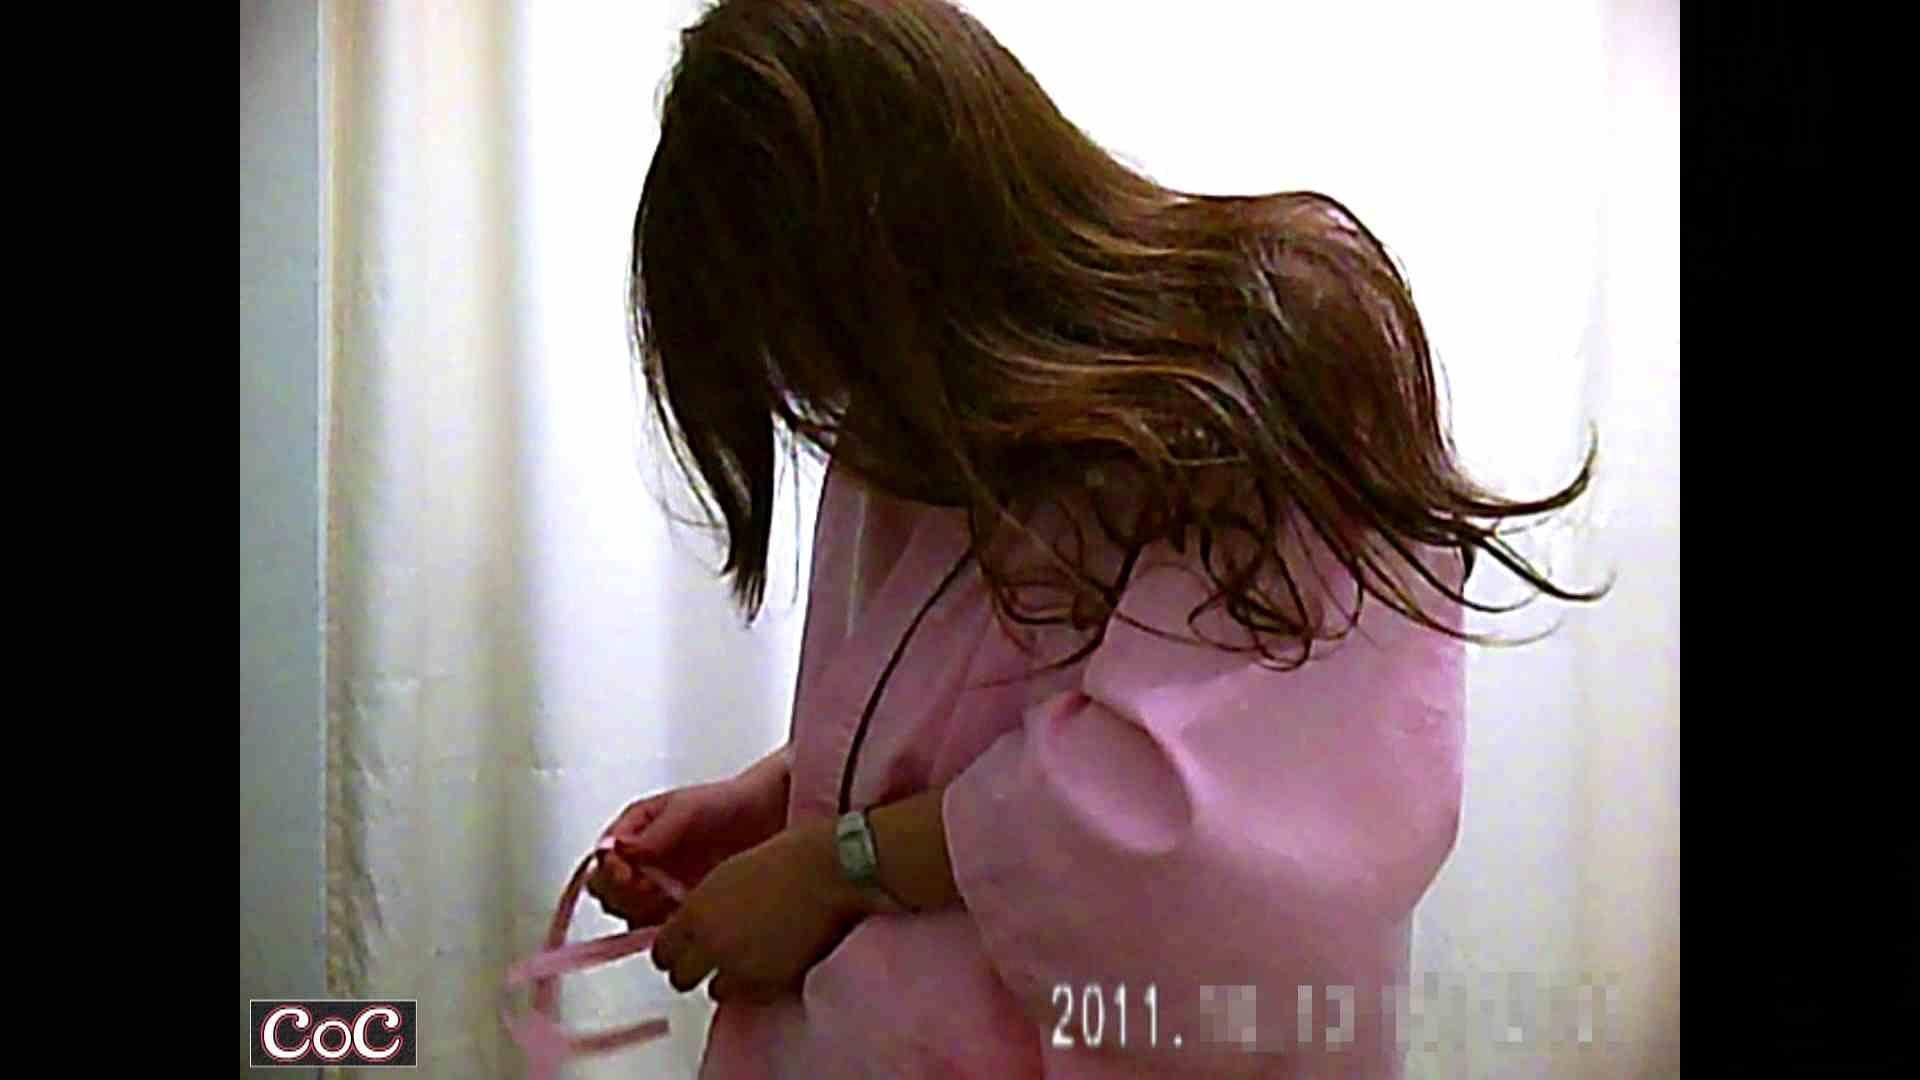 病院おもいっきり着替え! vol.58 巨乳 盗み撮り動画キャプチャ 105pic 74